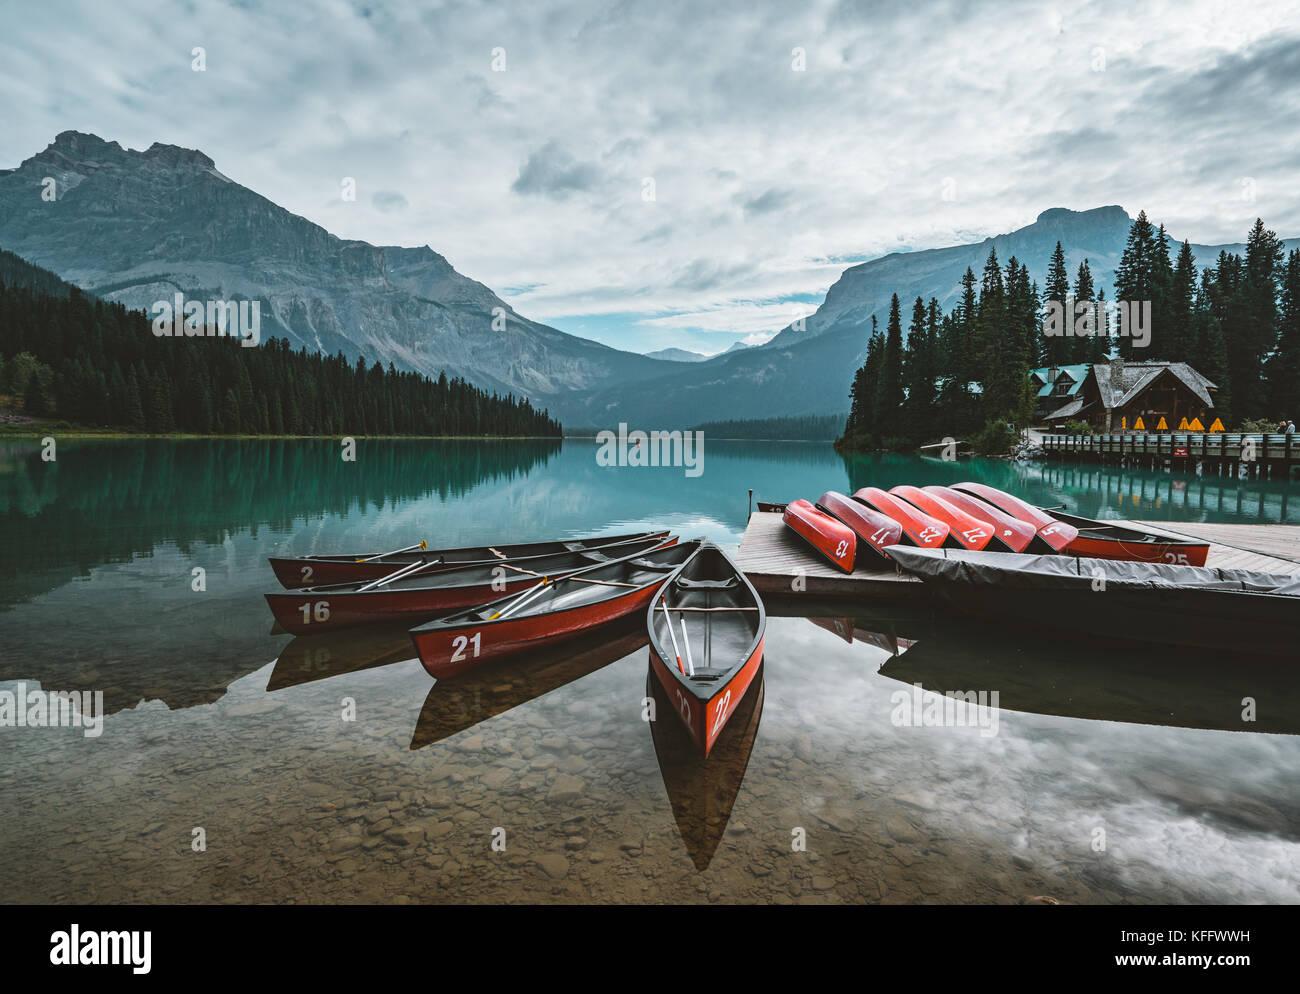 Canoas En el Lago Esmeralda, el Parque Nacional Yoho Canadá Imagen De Stock